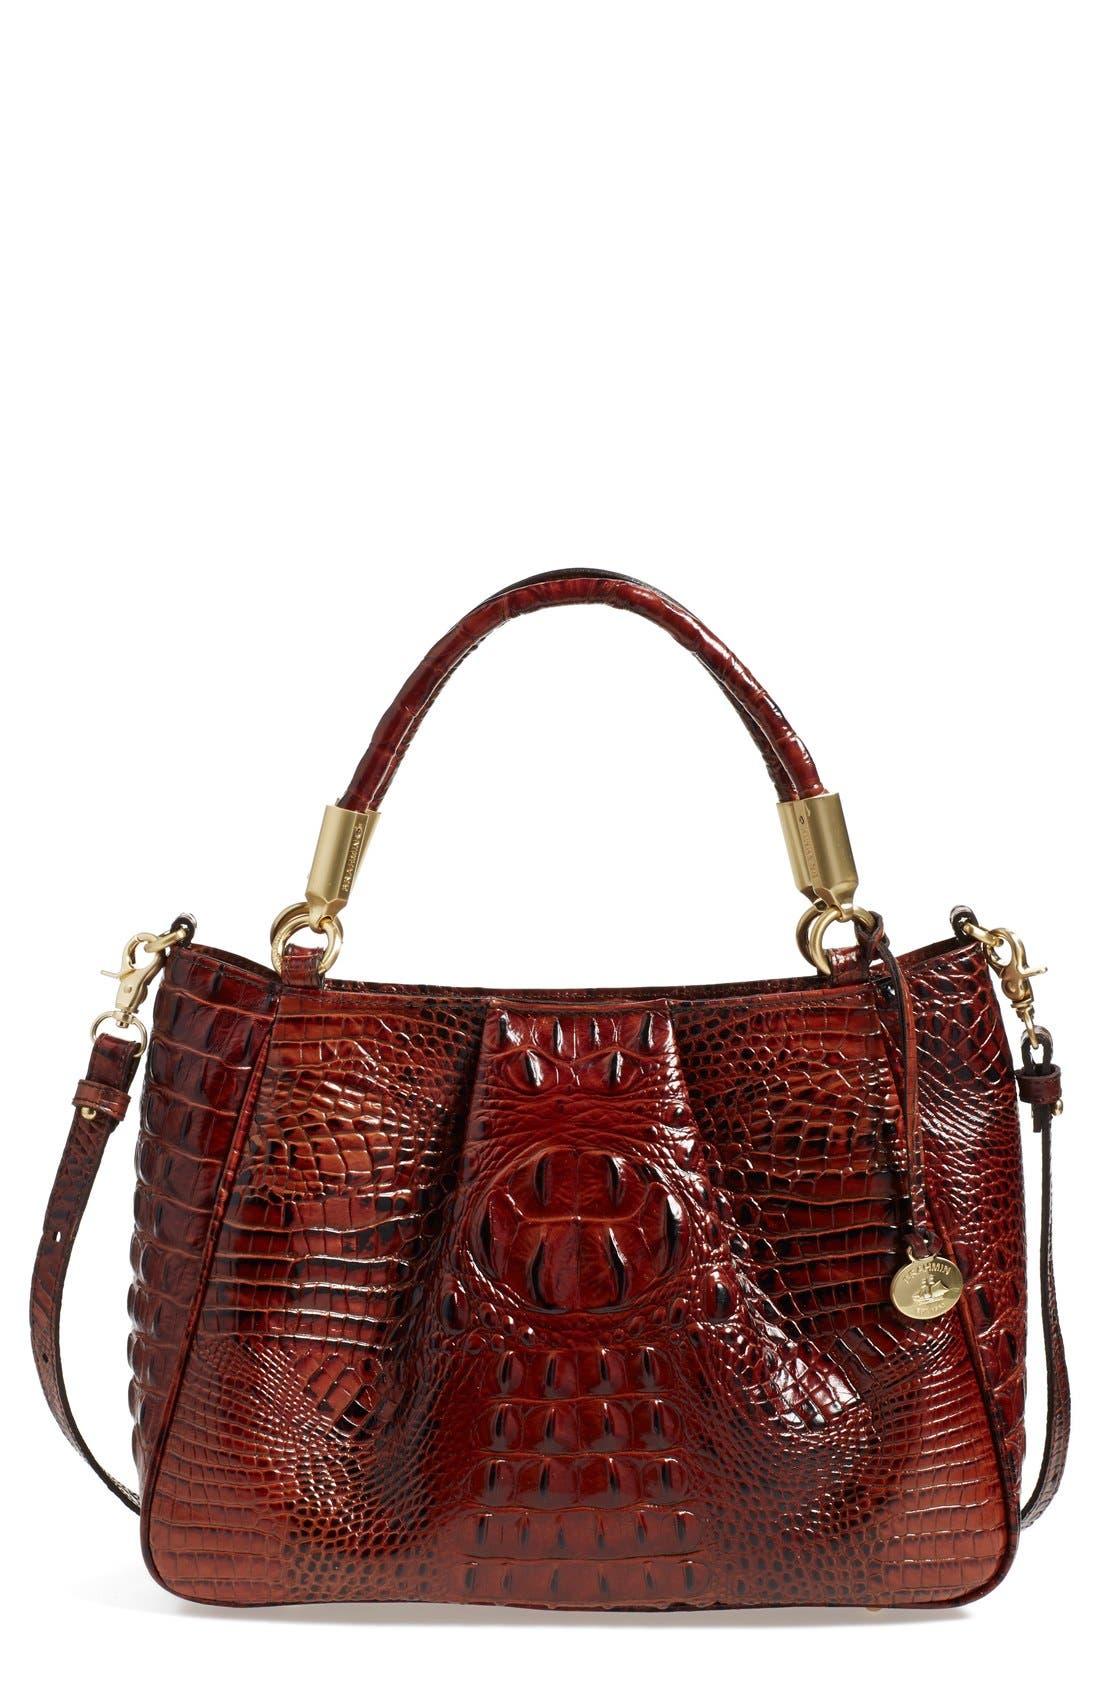 BRAHMIN Ruby Croc Embossed Leather Satchel